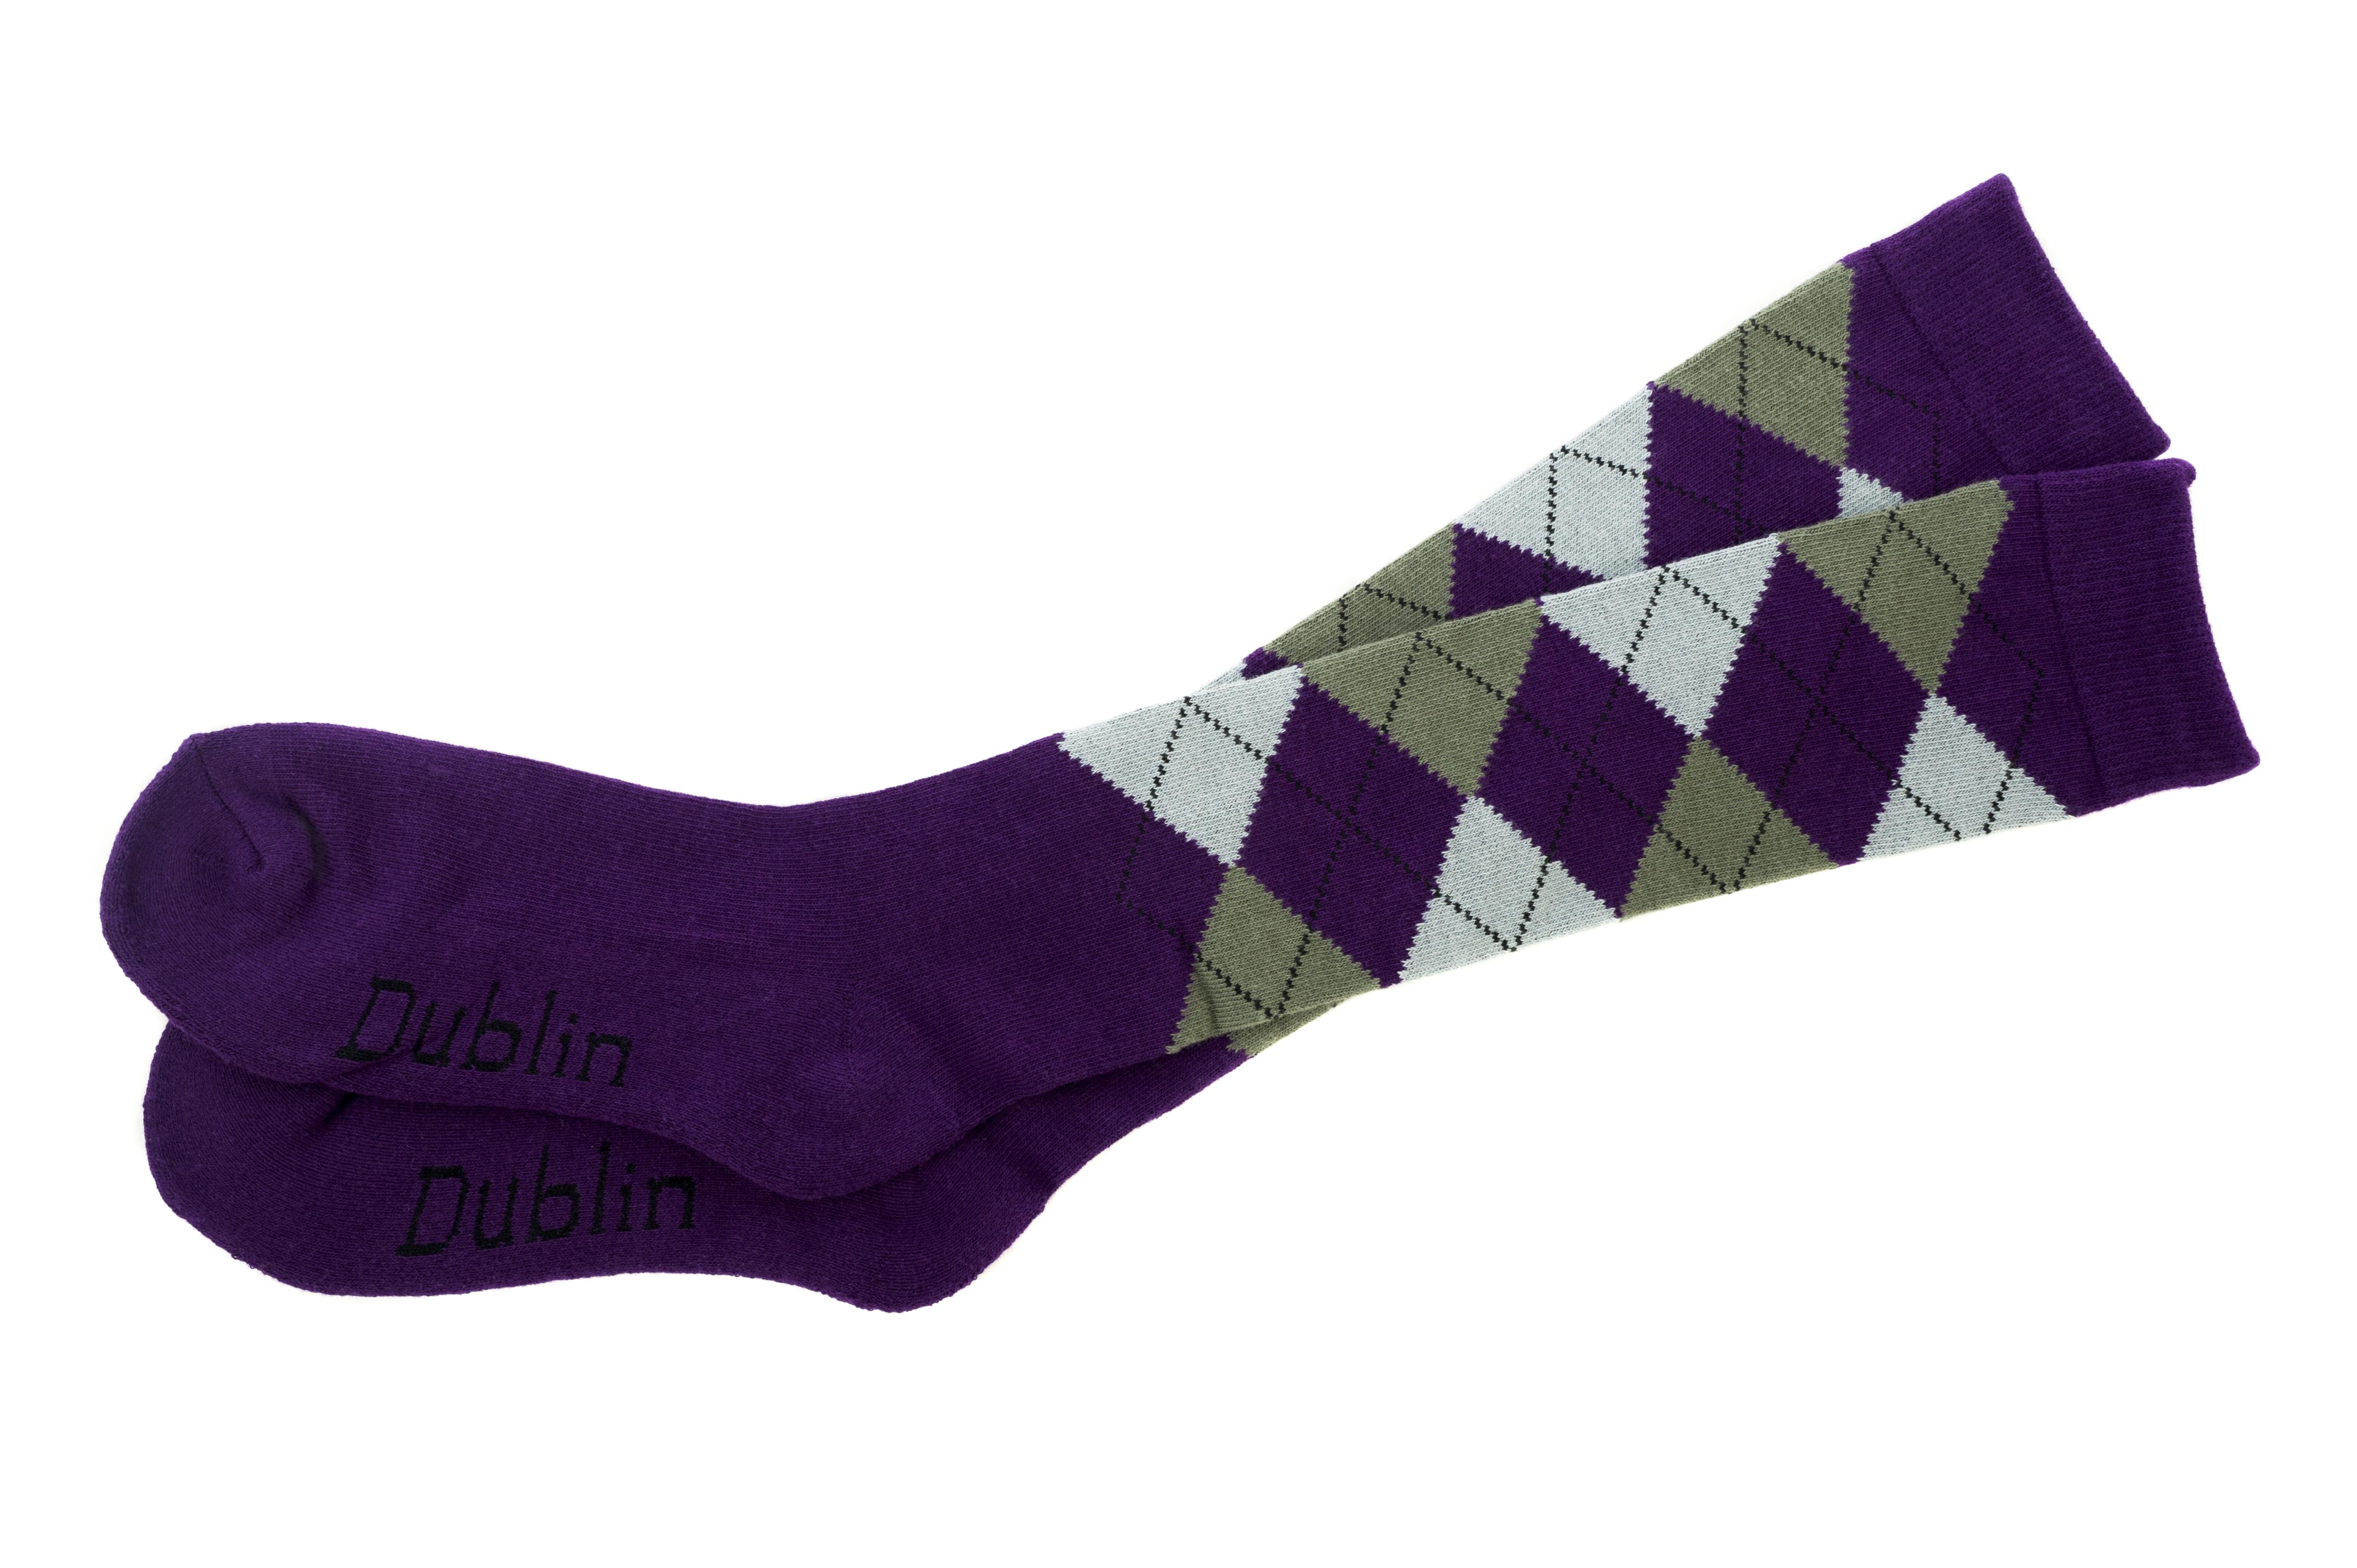 DUBLIN Argyle Riding Socks